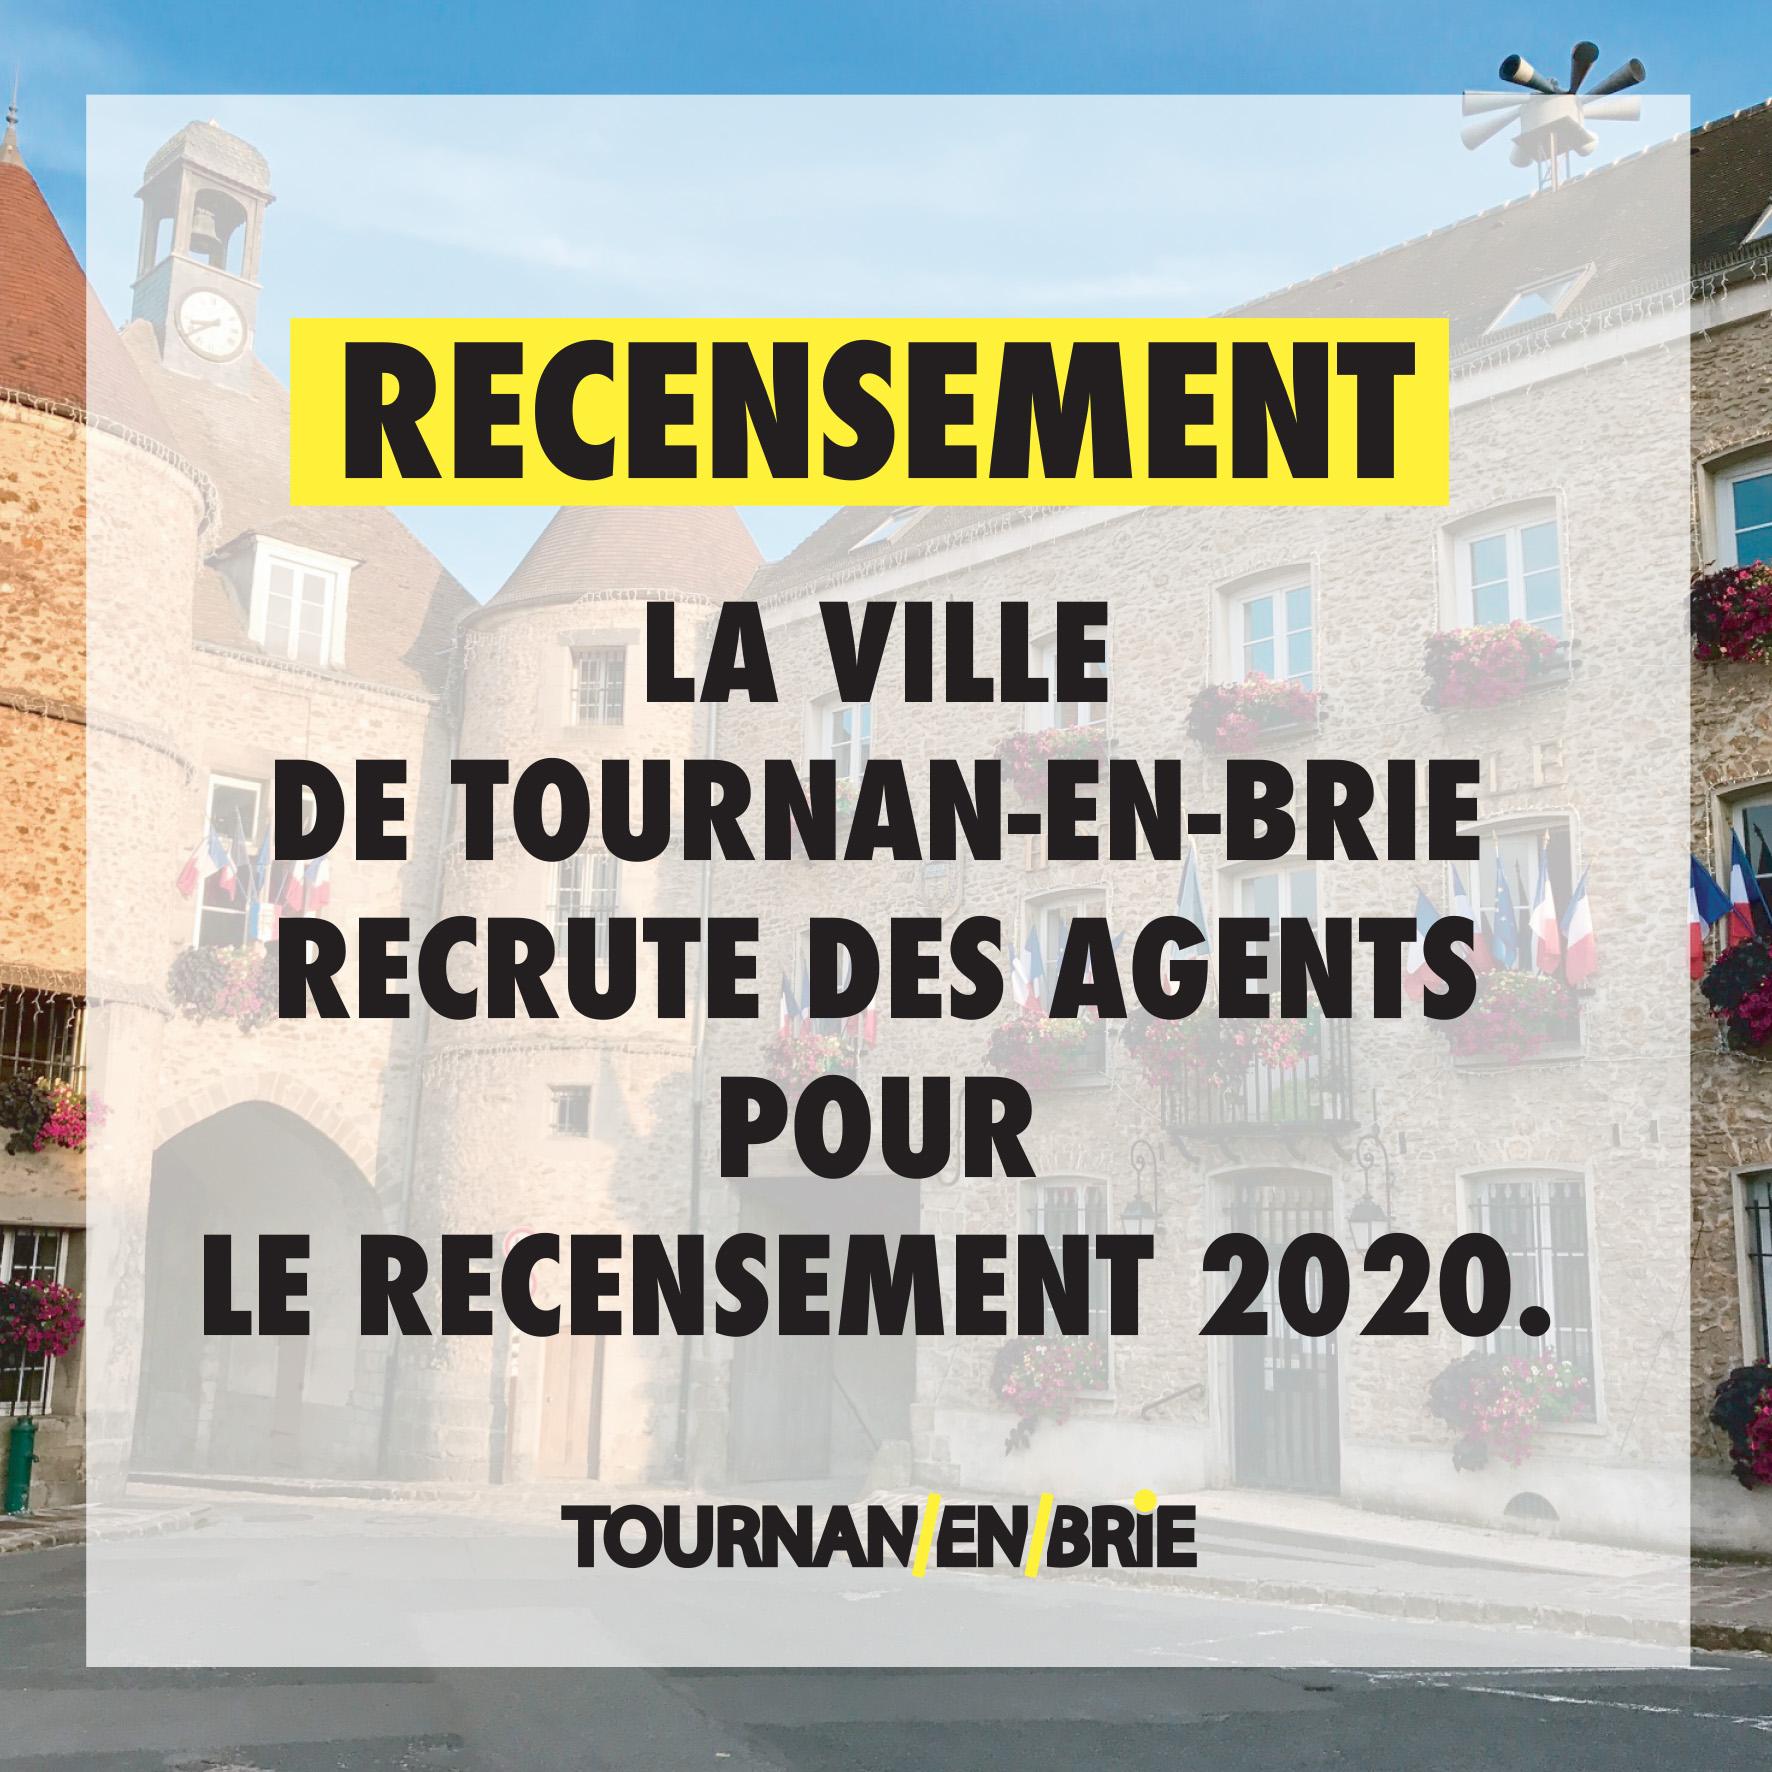 Recensement 2020: la Ville recrute!